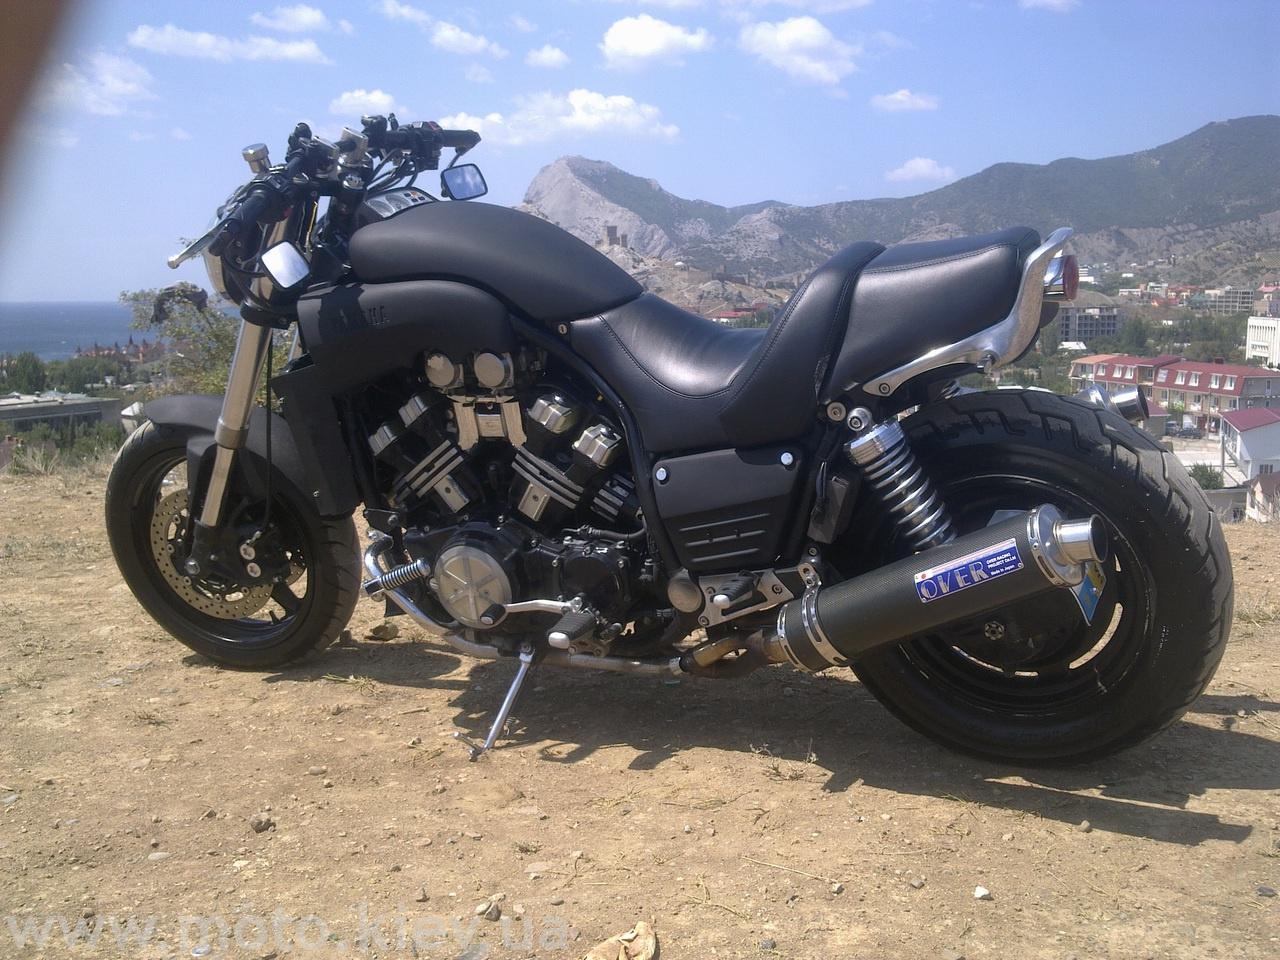 yamaha r1 мотоцикл цена